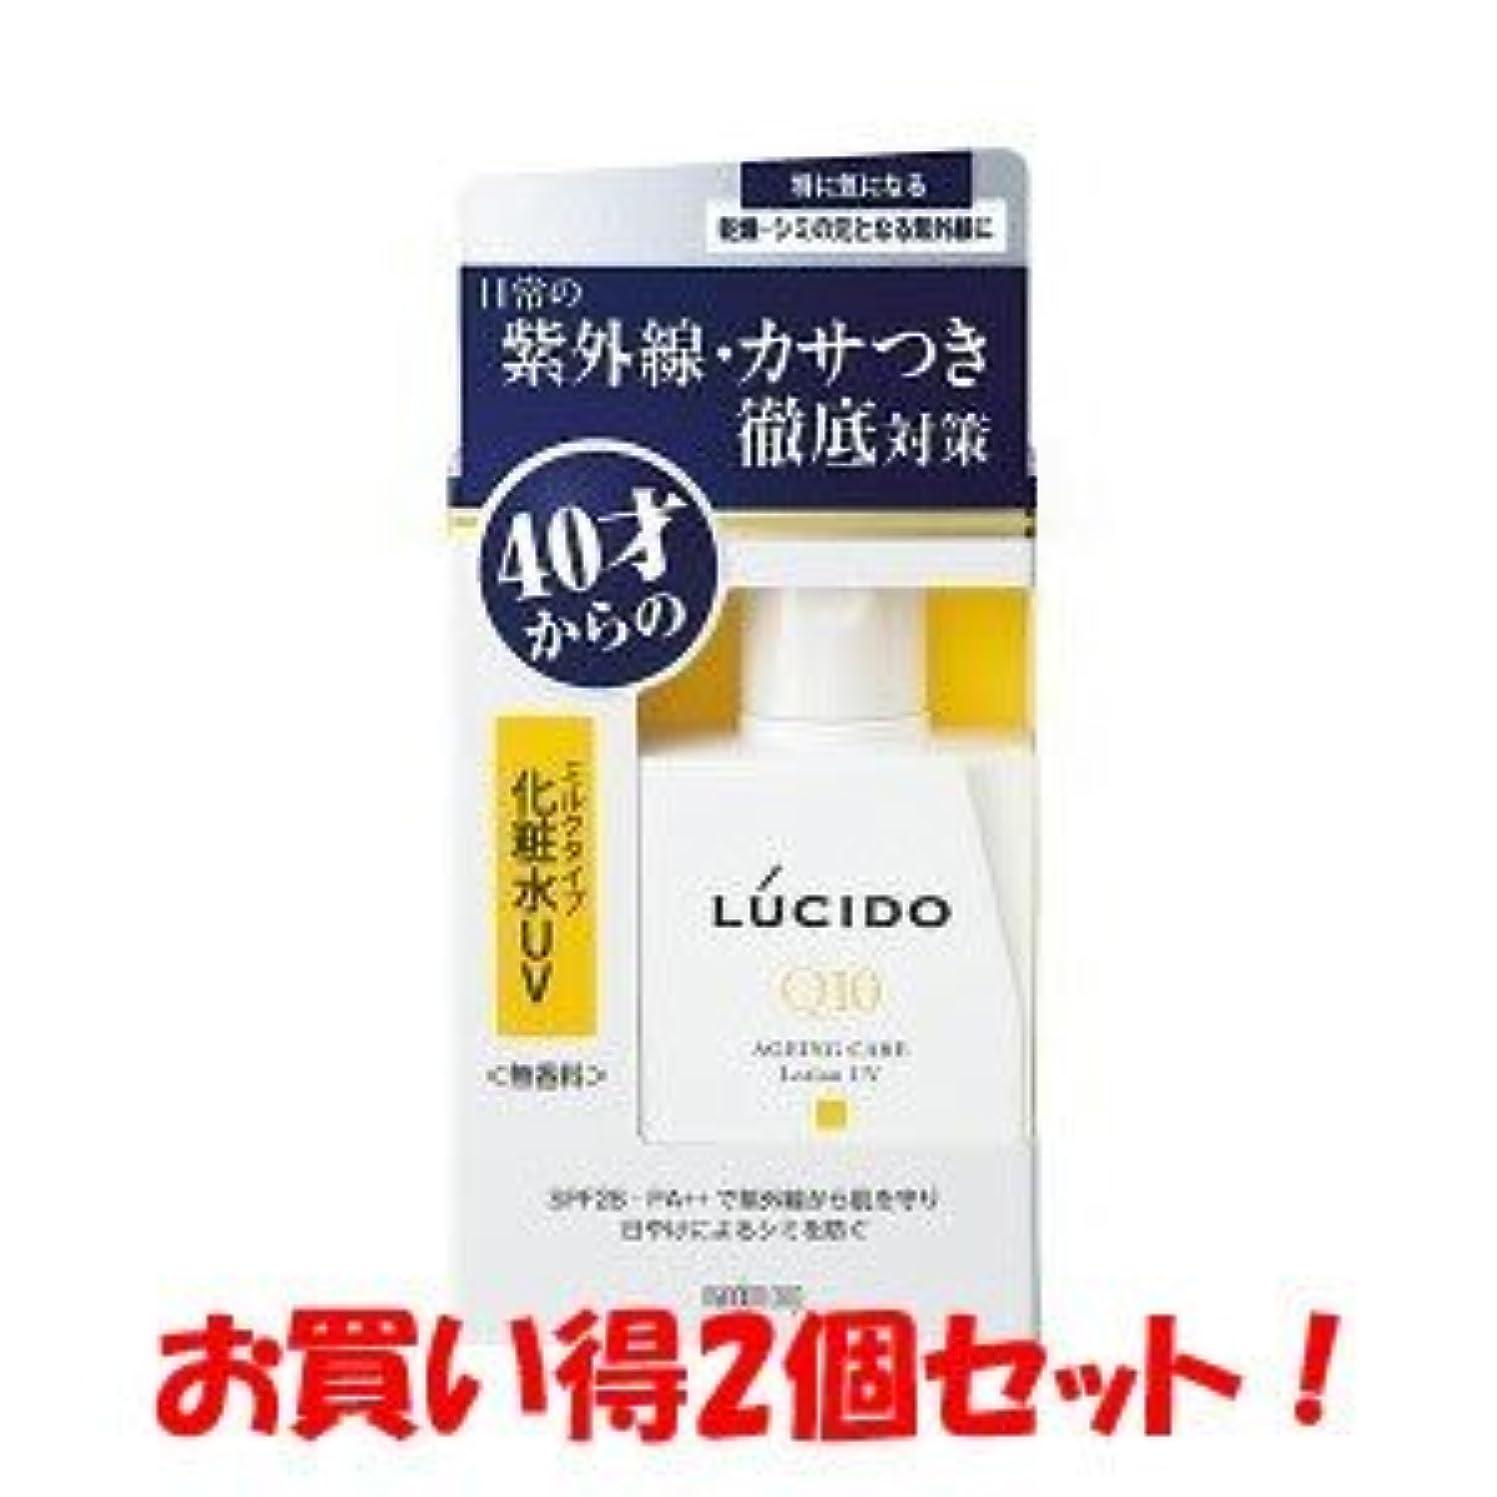 行触覚トースト(2017年の新商品)(マンダム)ルシード 薬用UVブロック化粧水 100ml(医薬部外品)(お買い得2個セット)